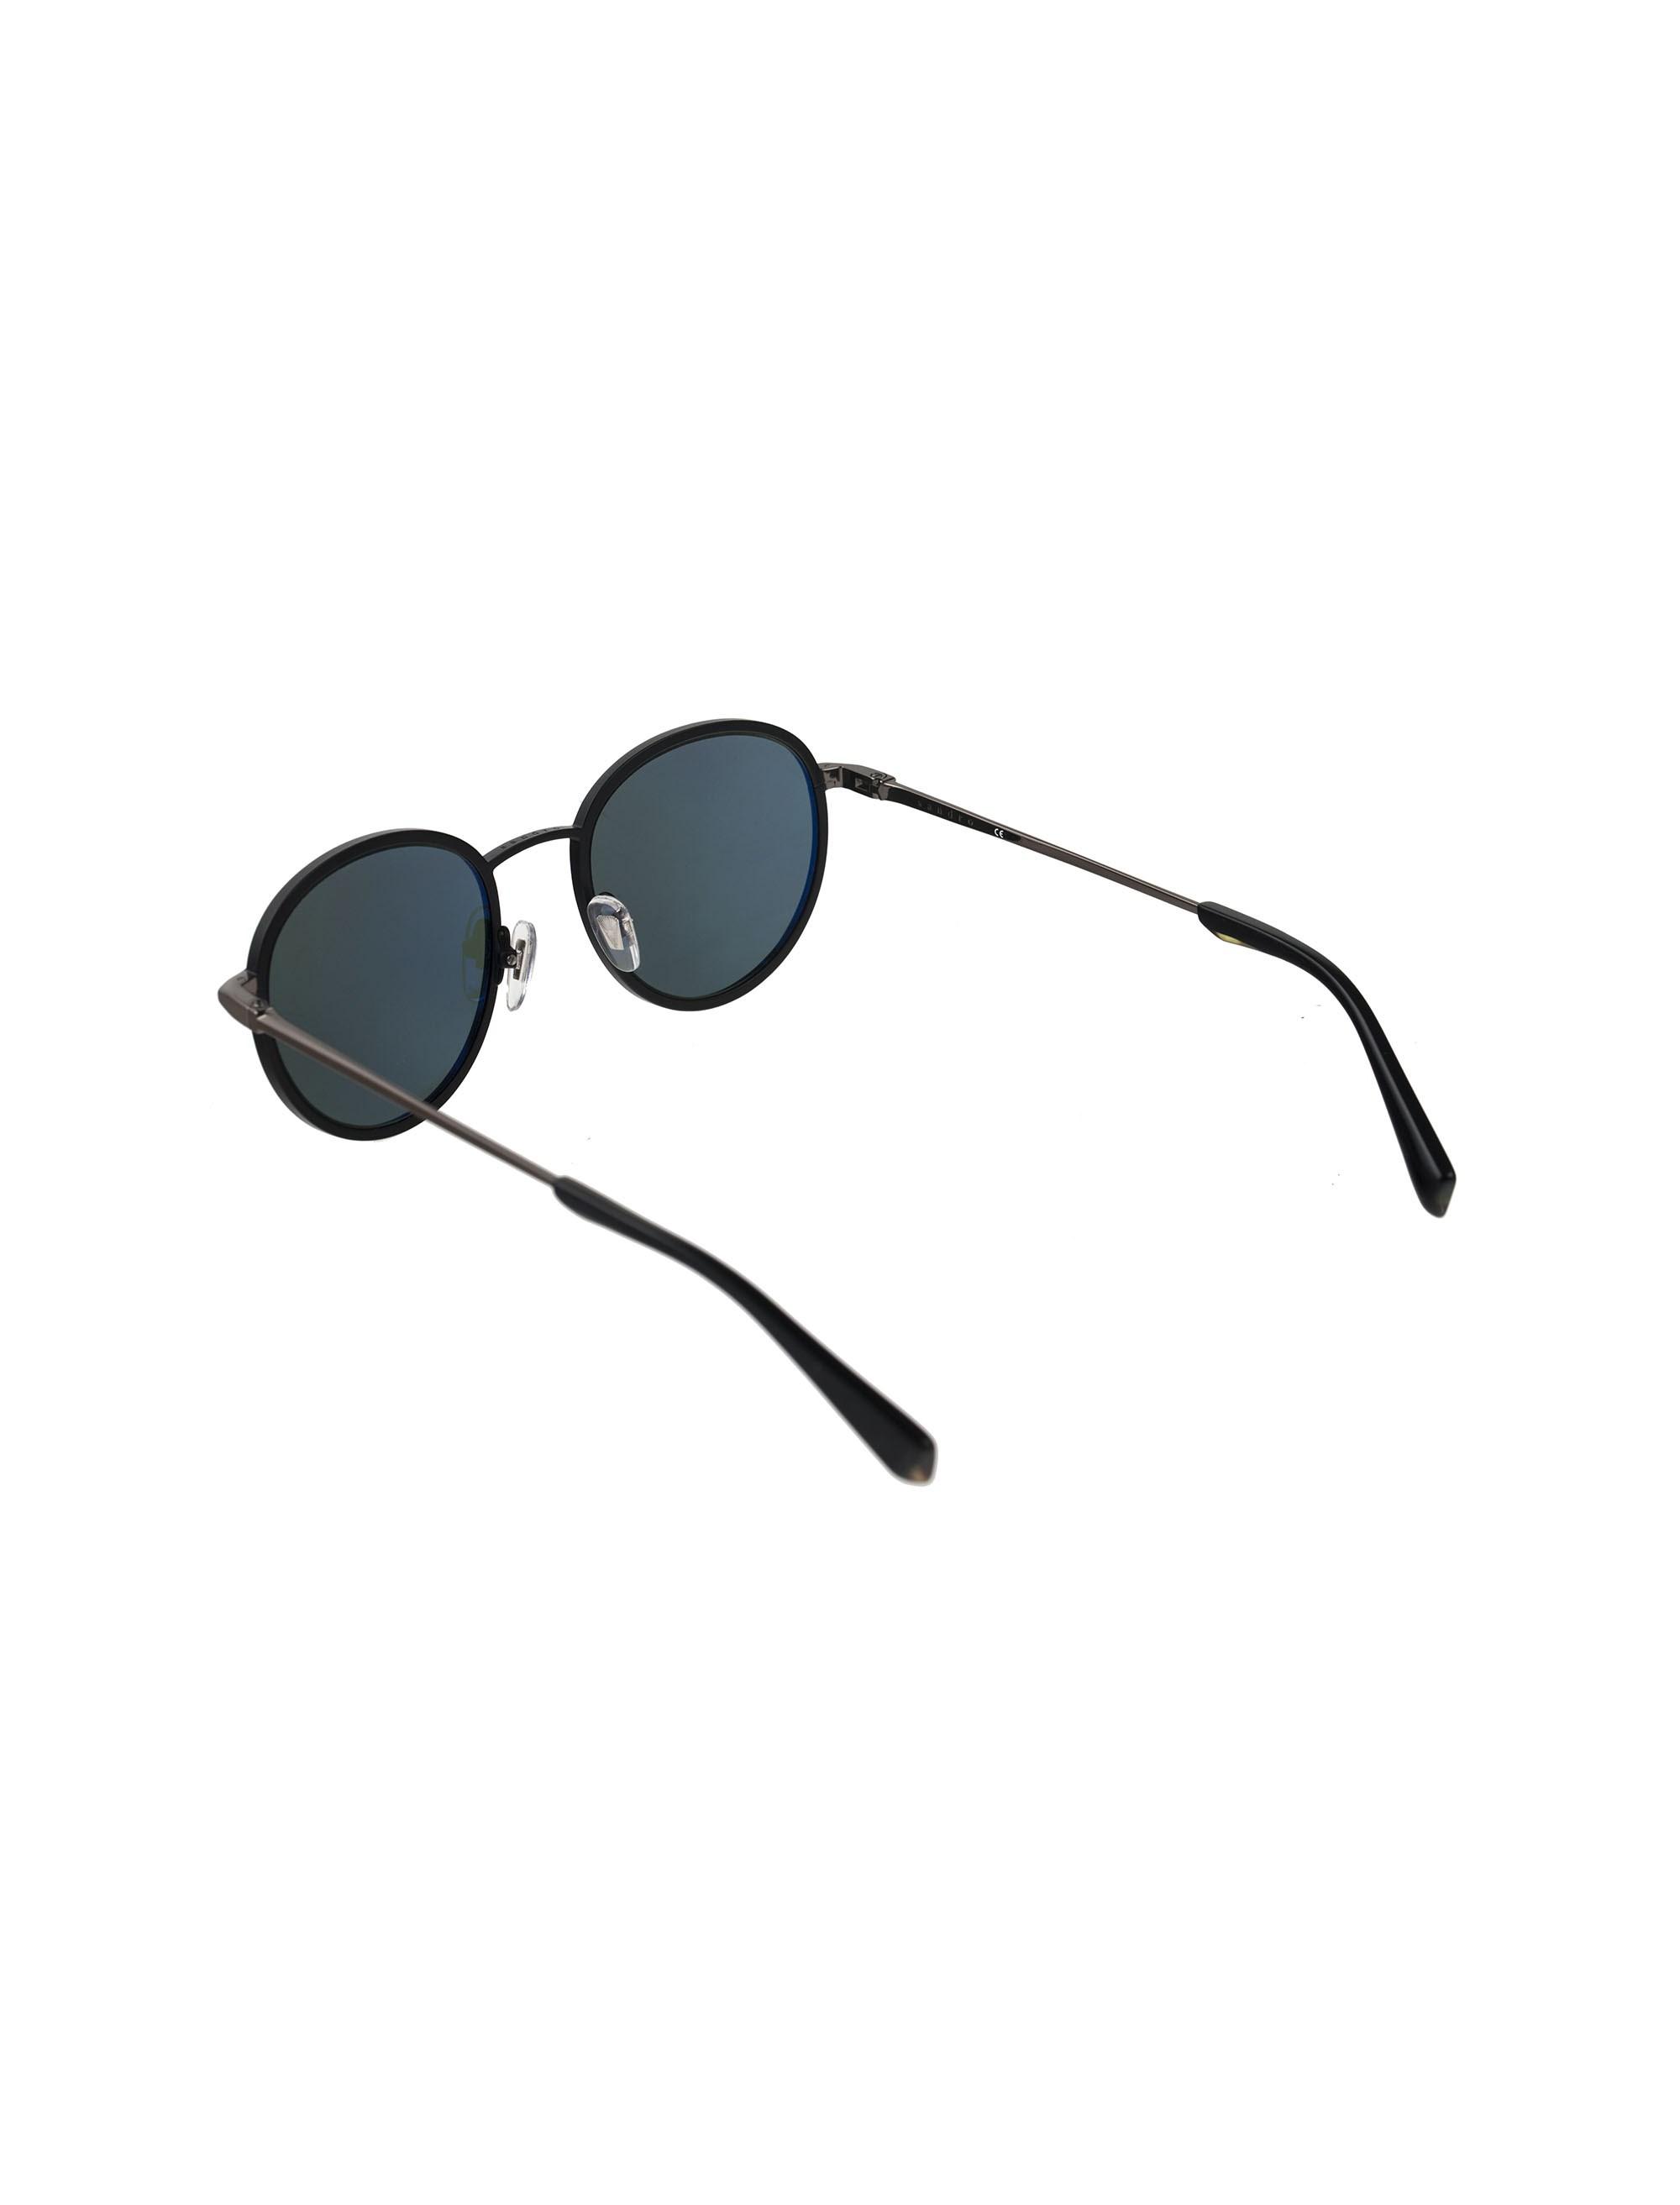 عینک آفتابی گرد زنانه - ساندرو